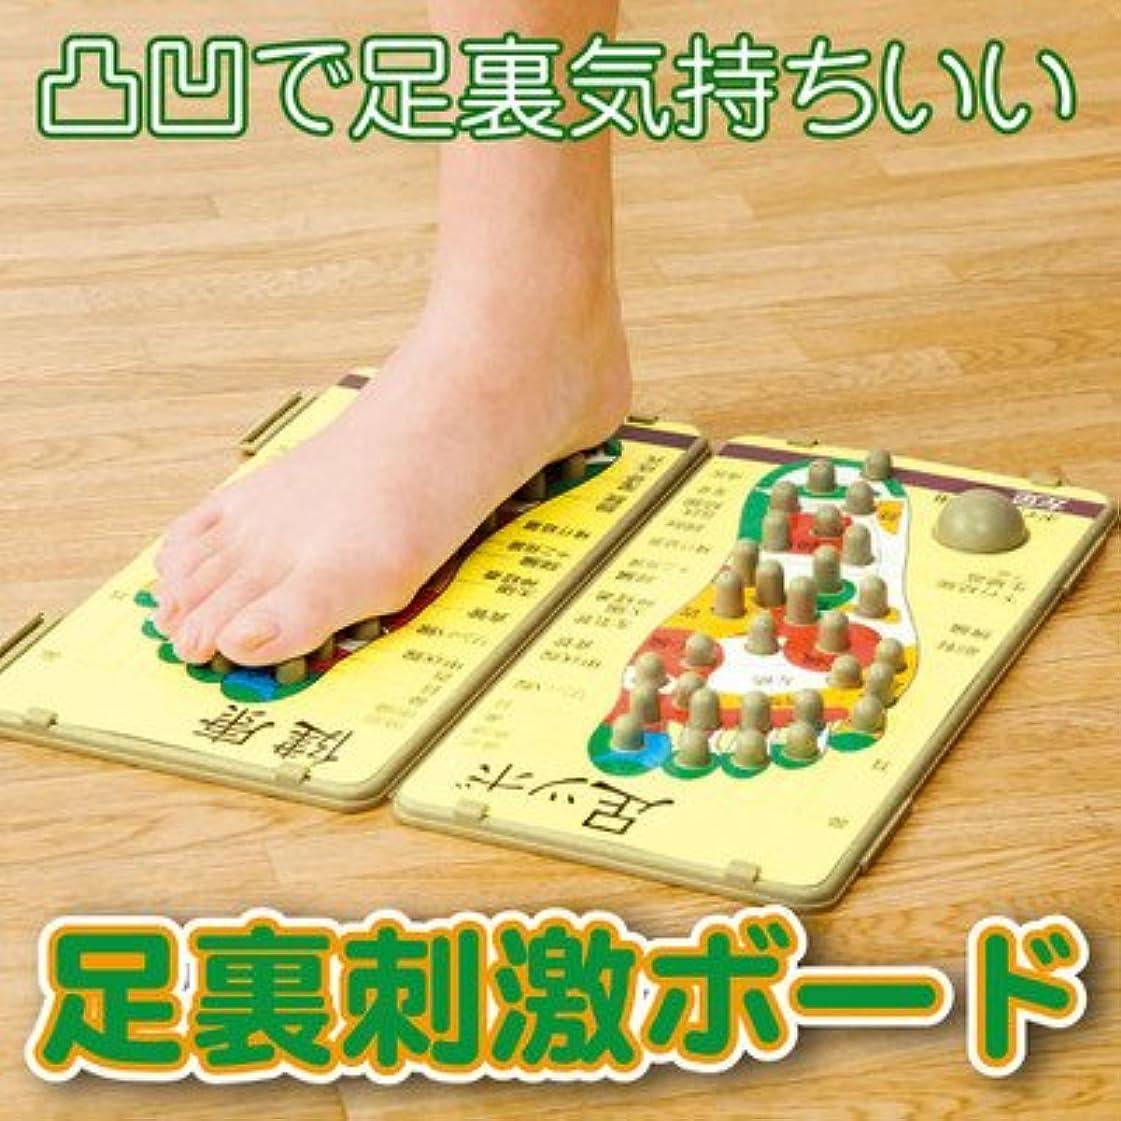 足裏刺激ボード 足裏刺激で痛気持ちいい